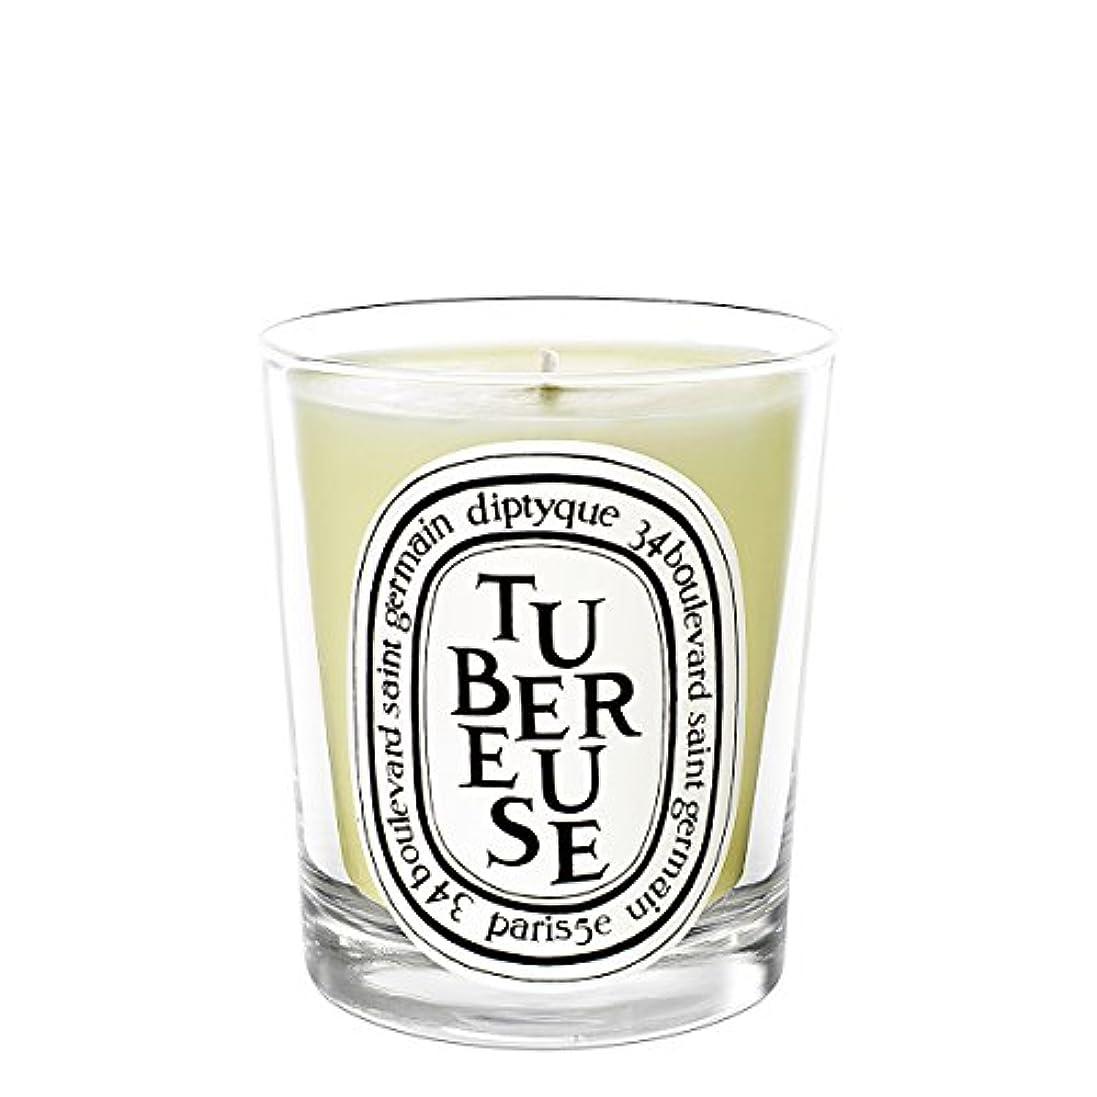 固体温かい認識ディプティック Scented Candle - Tubereuse (Tuberose) 70g/2.4oz並行輸入品